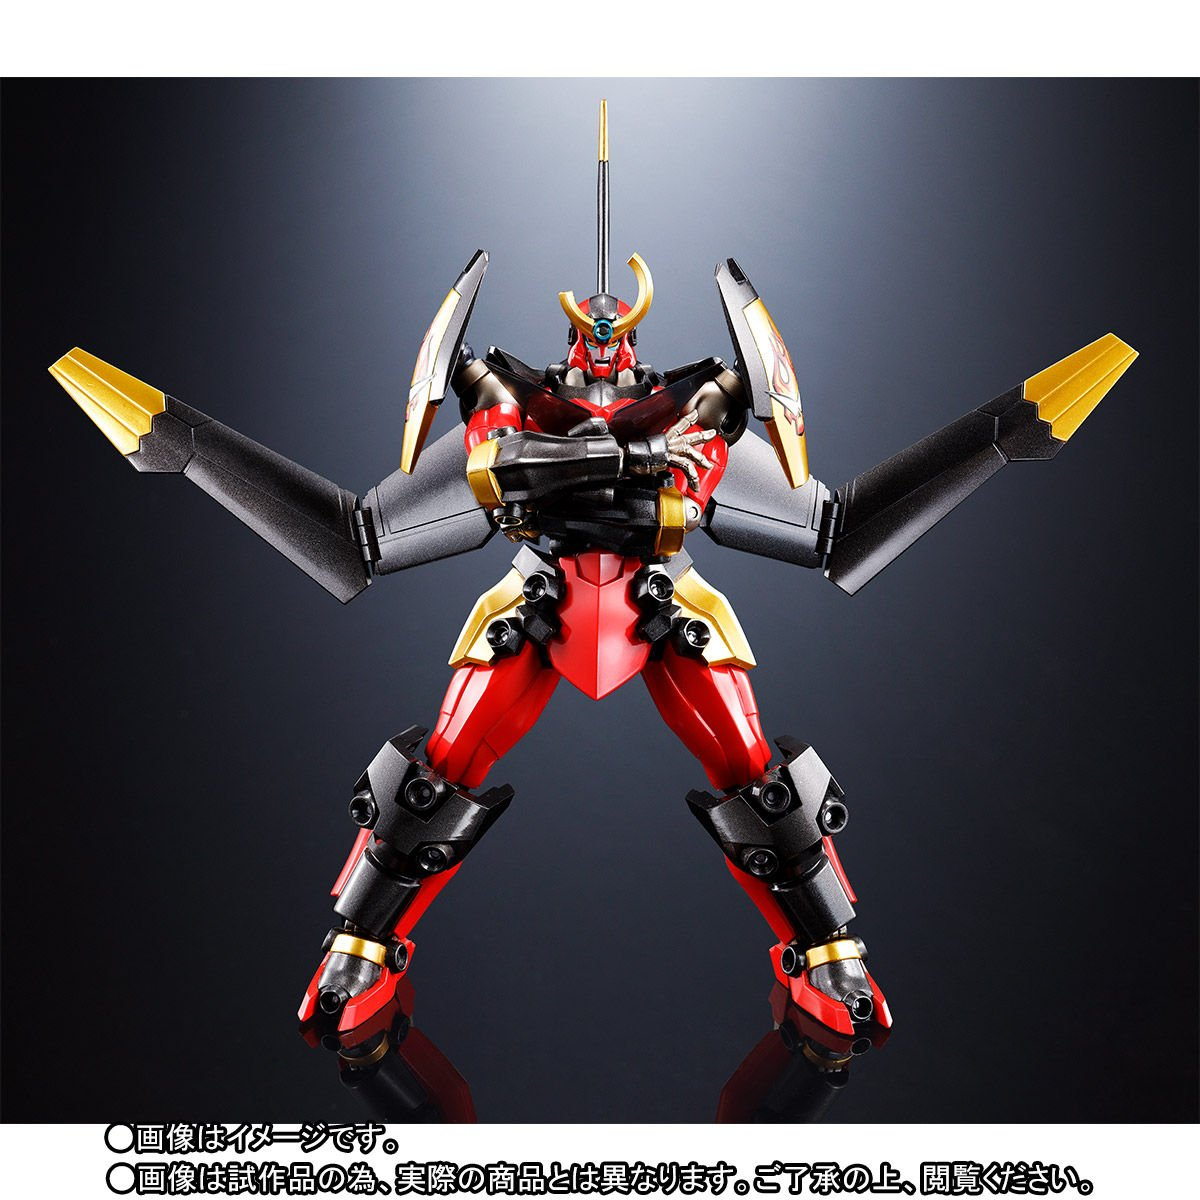 スーパーロボット超合金 グレンラガン 10th ANNIVERSARY SET   B076MZN411